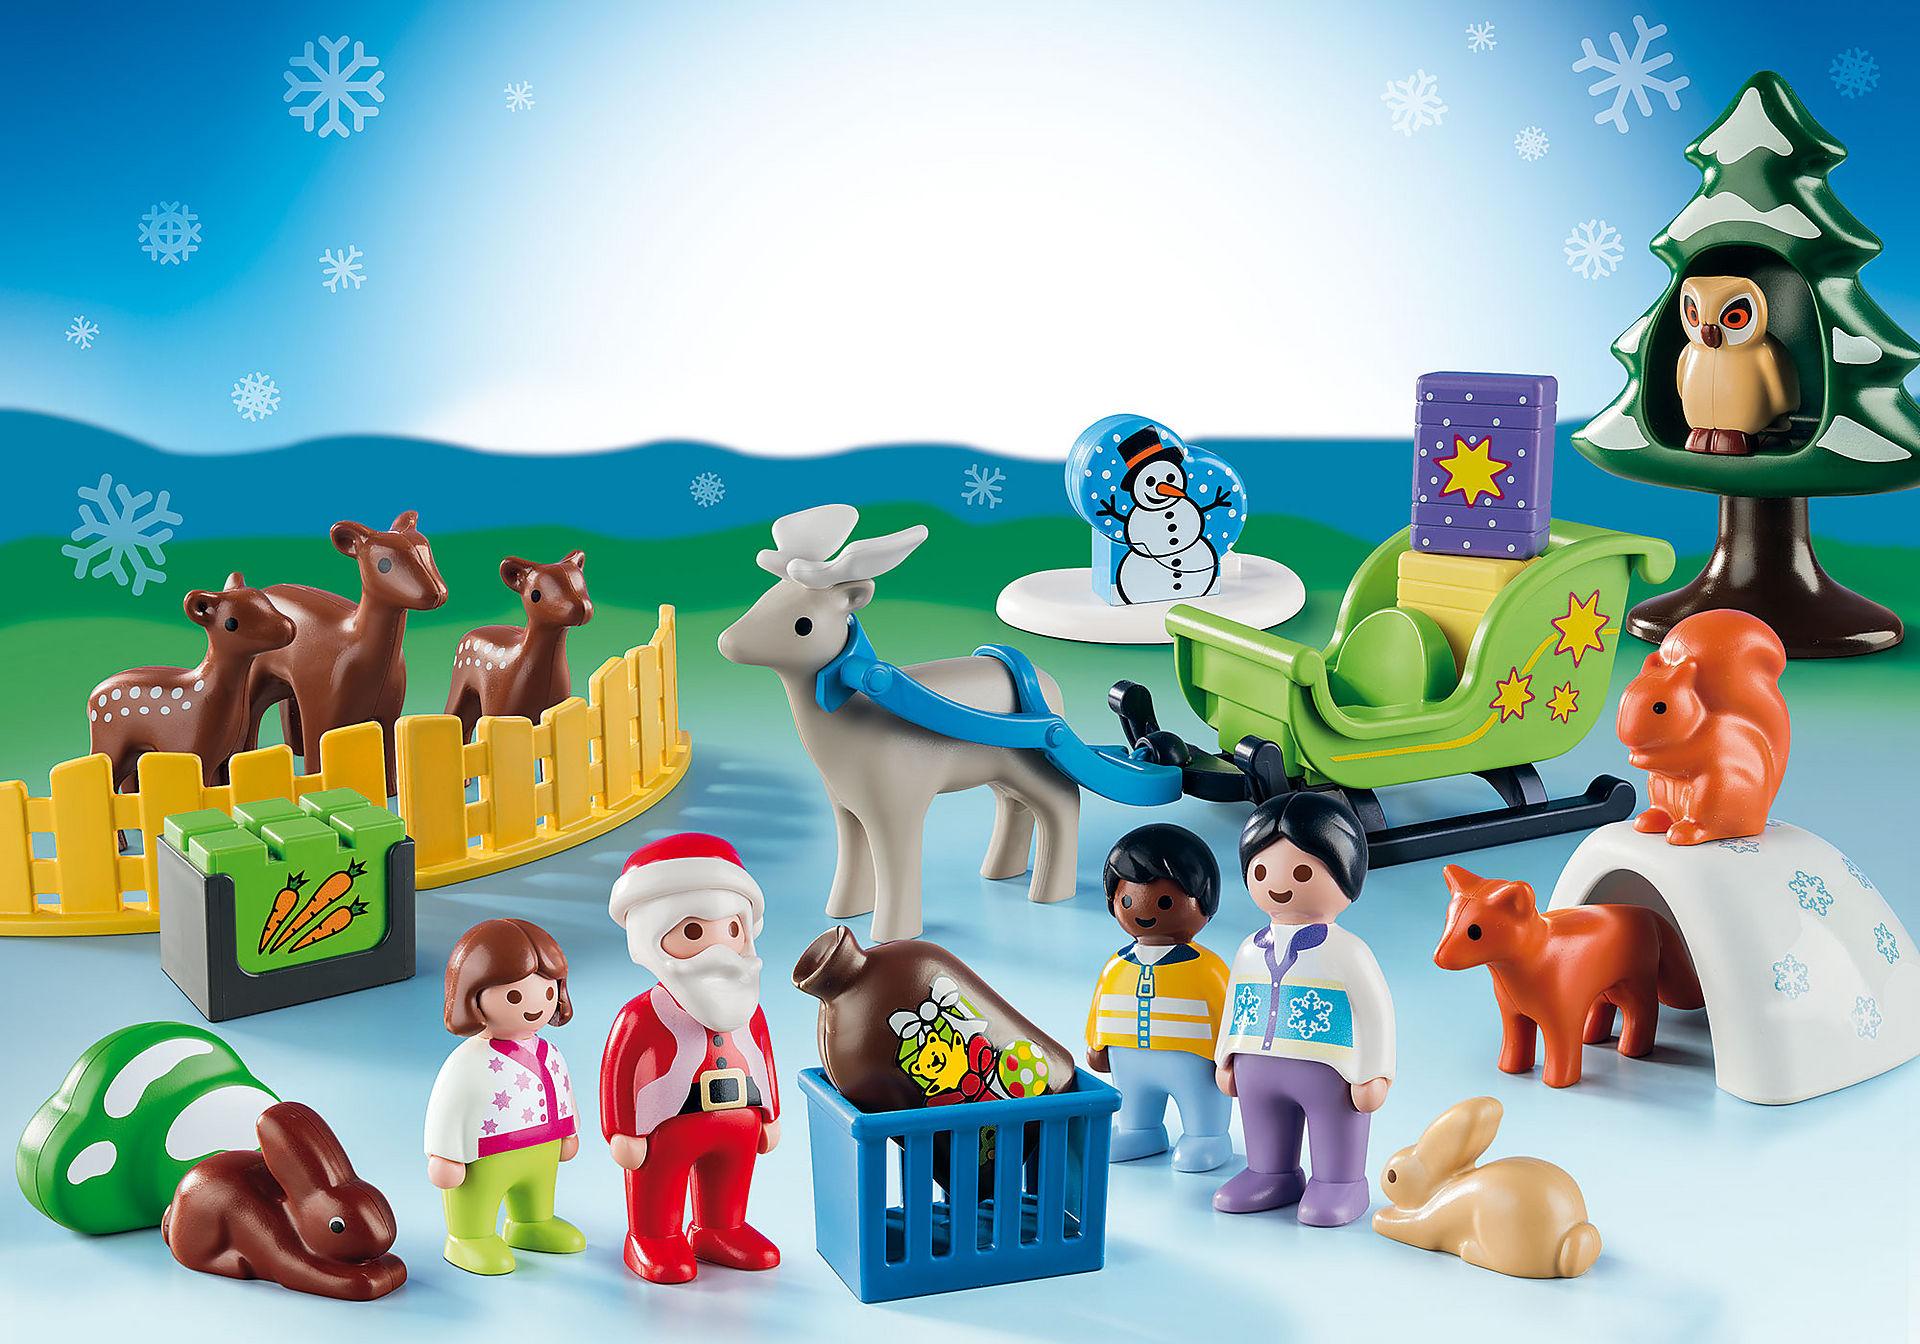 9391 Calendario dell'Avvento 1.2.3 'Natale nel bosco degli animali' zoom image3